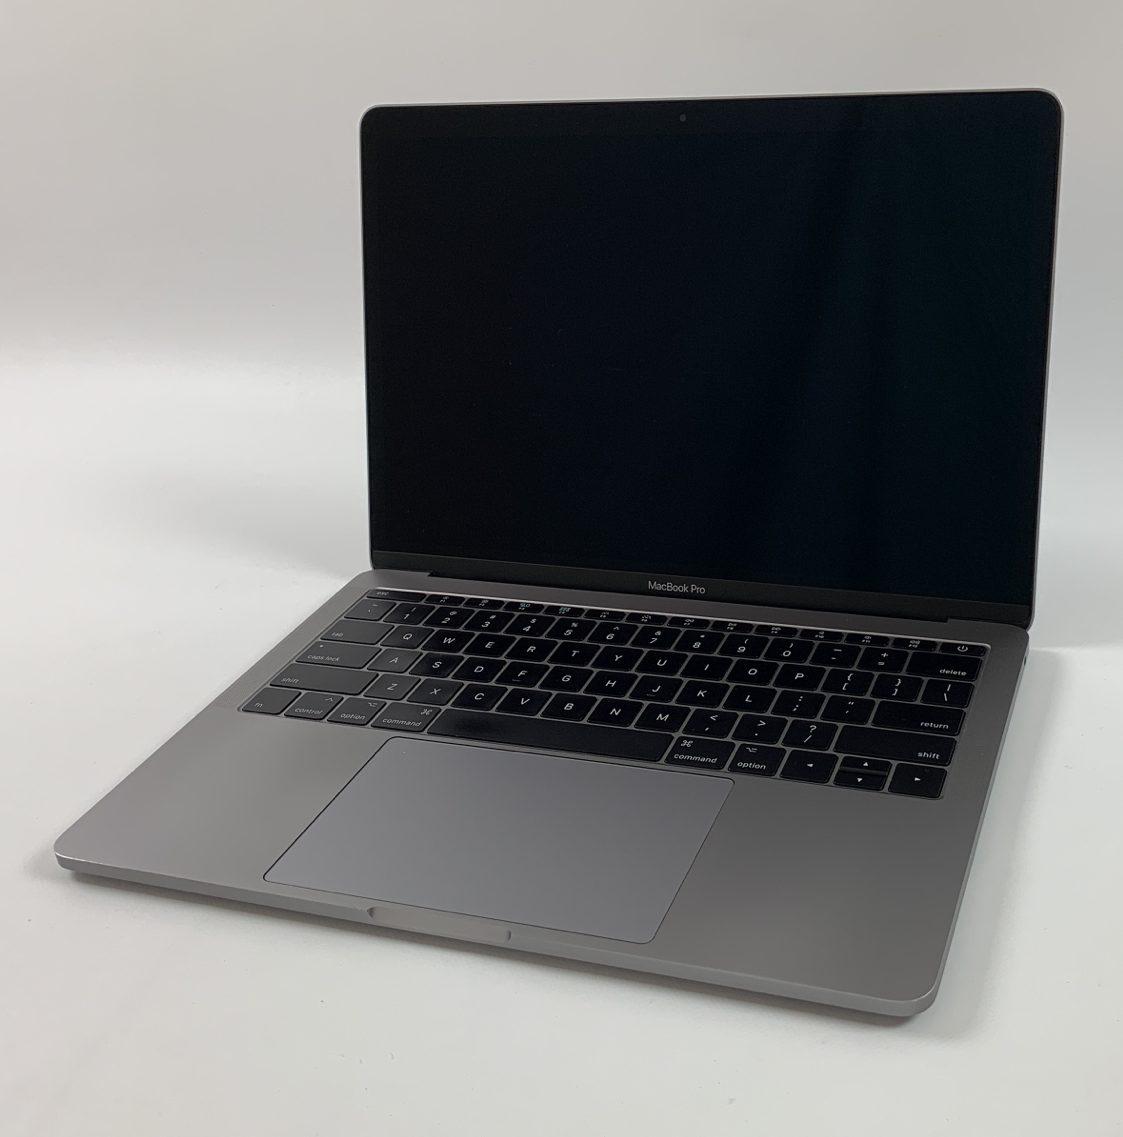 """MacBook Pro 13"""" 2TBT Mid 2017 (Intel Core i5 2.3 GHz 8 GB RAM 128 GB SSD), Space Gray, Intel Core i5 2.3 GHz, 8 GB RAM, 128 GB SSD, image 1"""